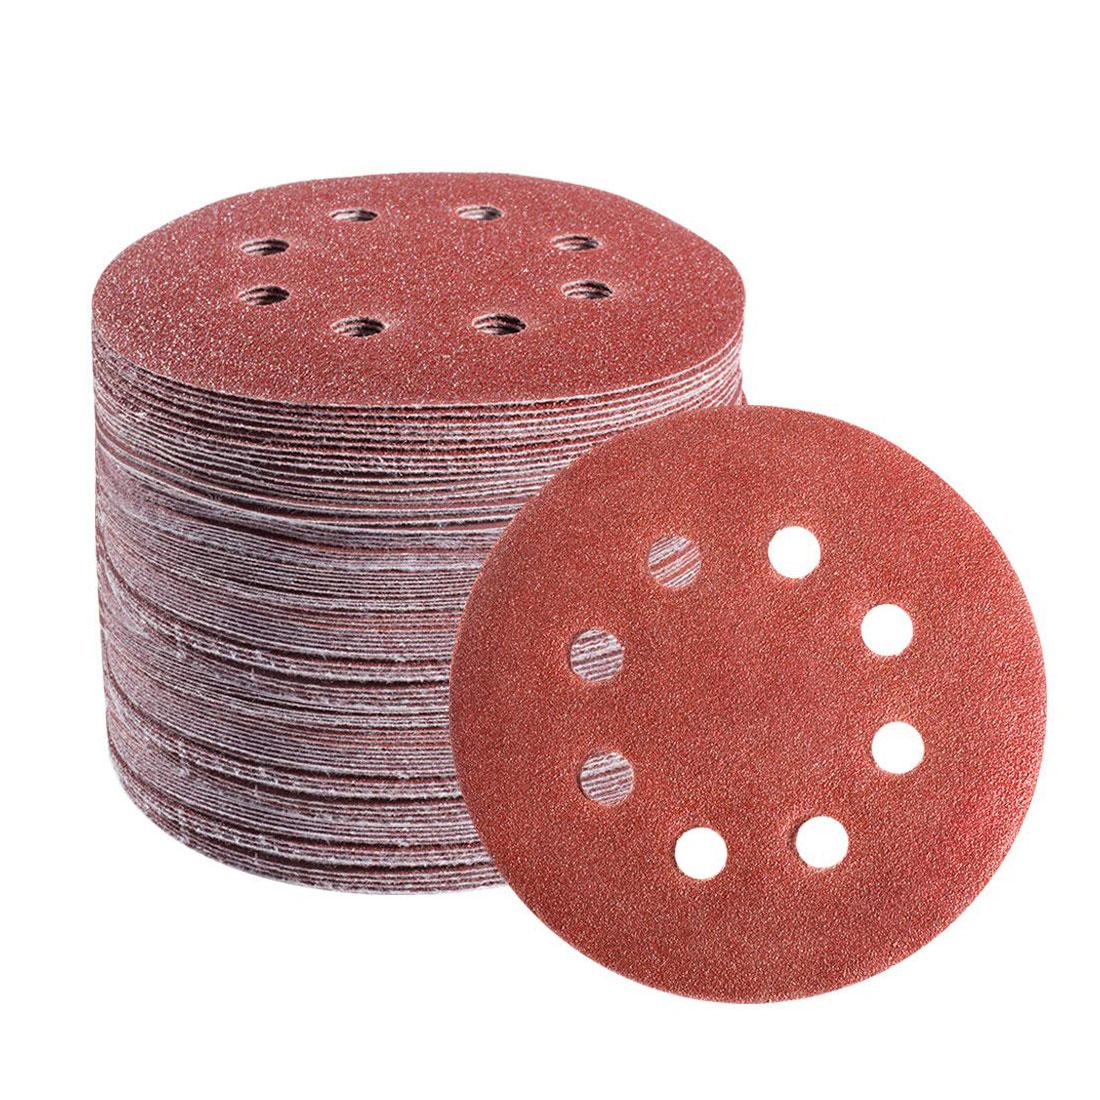 Фото - наждачная бумага шлифовальный диск наждачка на липучке 100 шт. 125 мм абразивные инструменты шлифовальный круг шлифовальные диски на липучке ... шлифовальный круг на липучке fit 39666 125 мм 5 шт